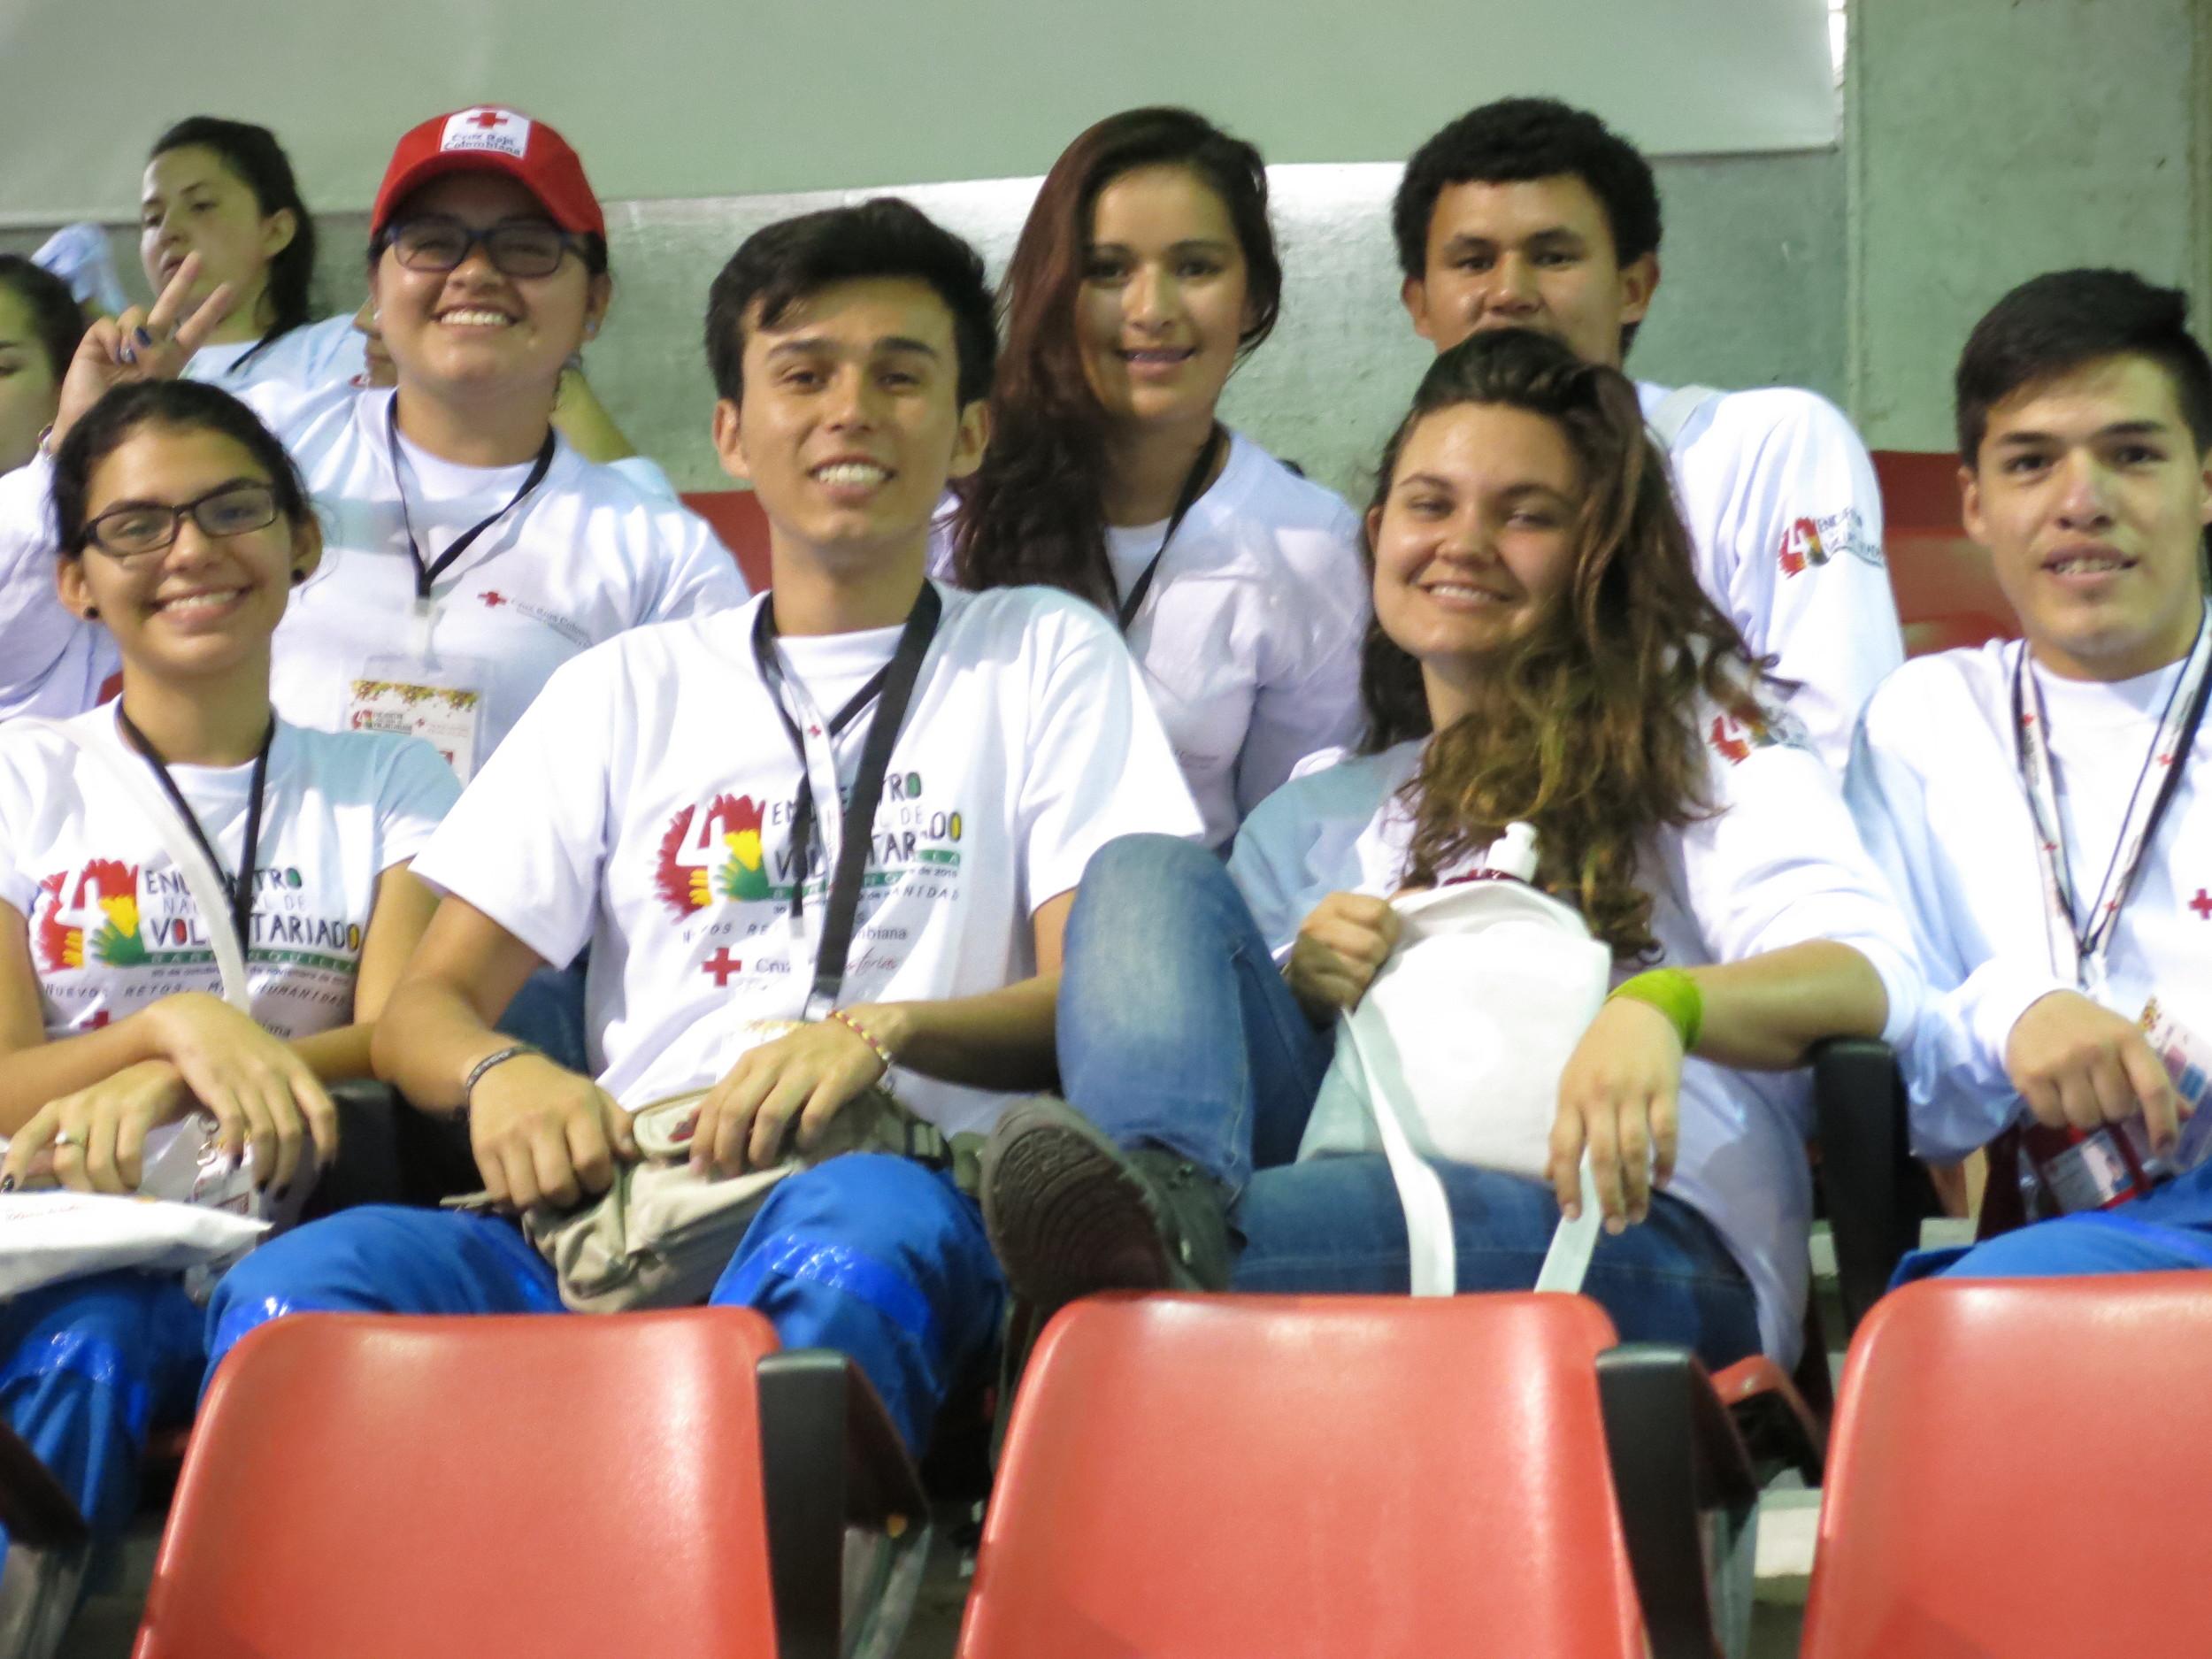 Voluntarios de la Seccional Cundinamarca & Bogotá, volunteers from the Cundinamarca & Bogotá Branc